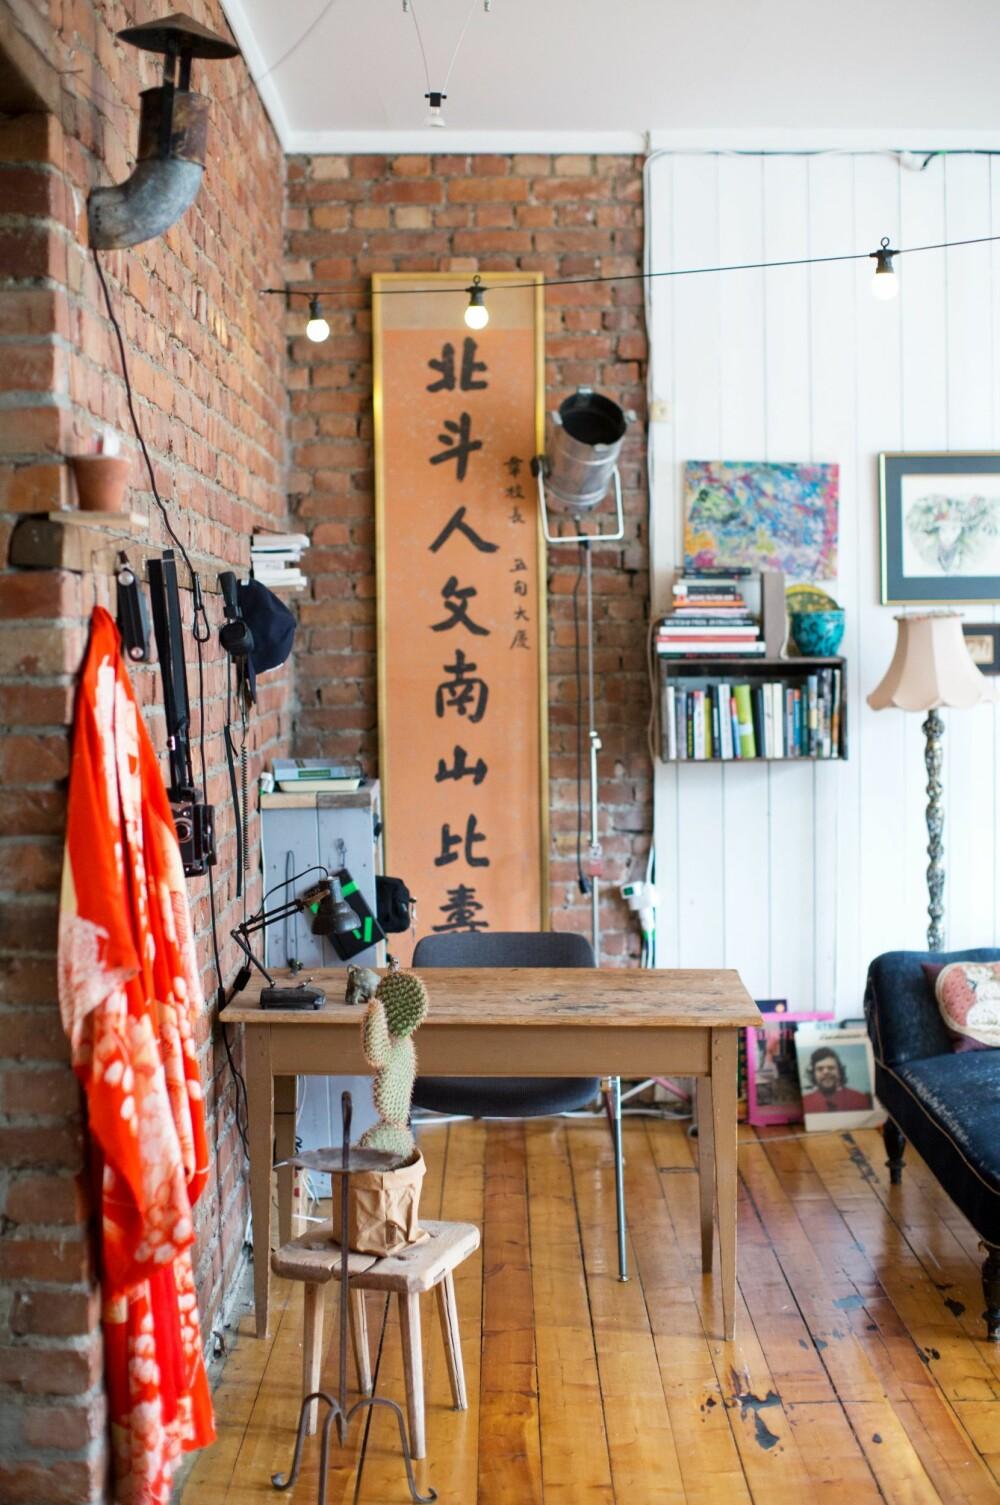 HISTORIE: De kinesiske tavlene  har Andrea arvet av farmoren. Hun var født og oppvokst i Kina, der hennes far var misjonær. Disse bildene var det eneste de greide å få med seg da Mao kastet dem ut av landet. FOTO: Margrethe Myhrer